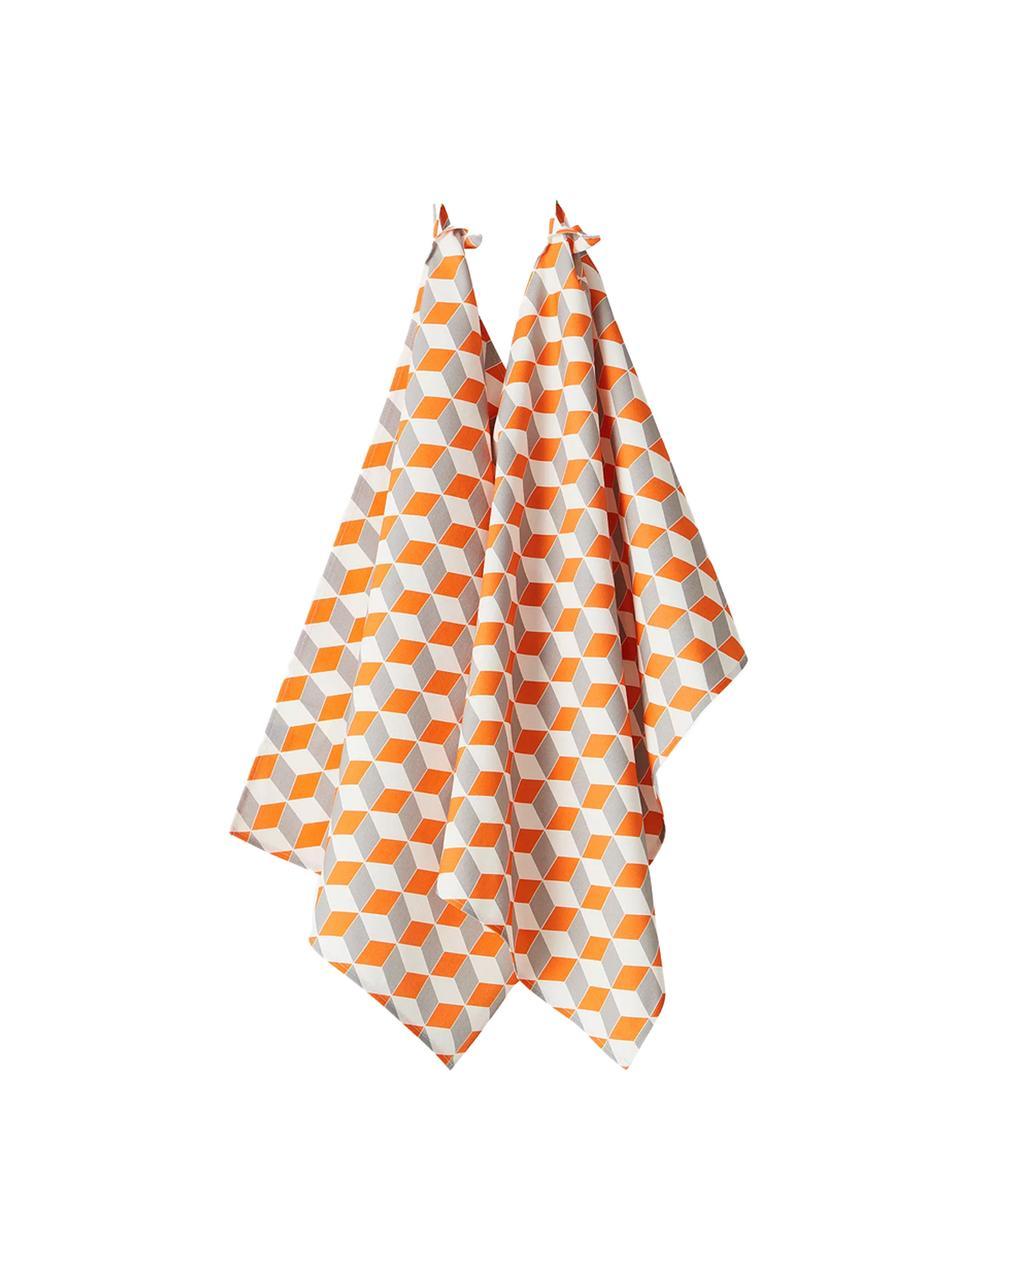 Theedoek met oranje geometrisch patroon van Jotex